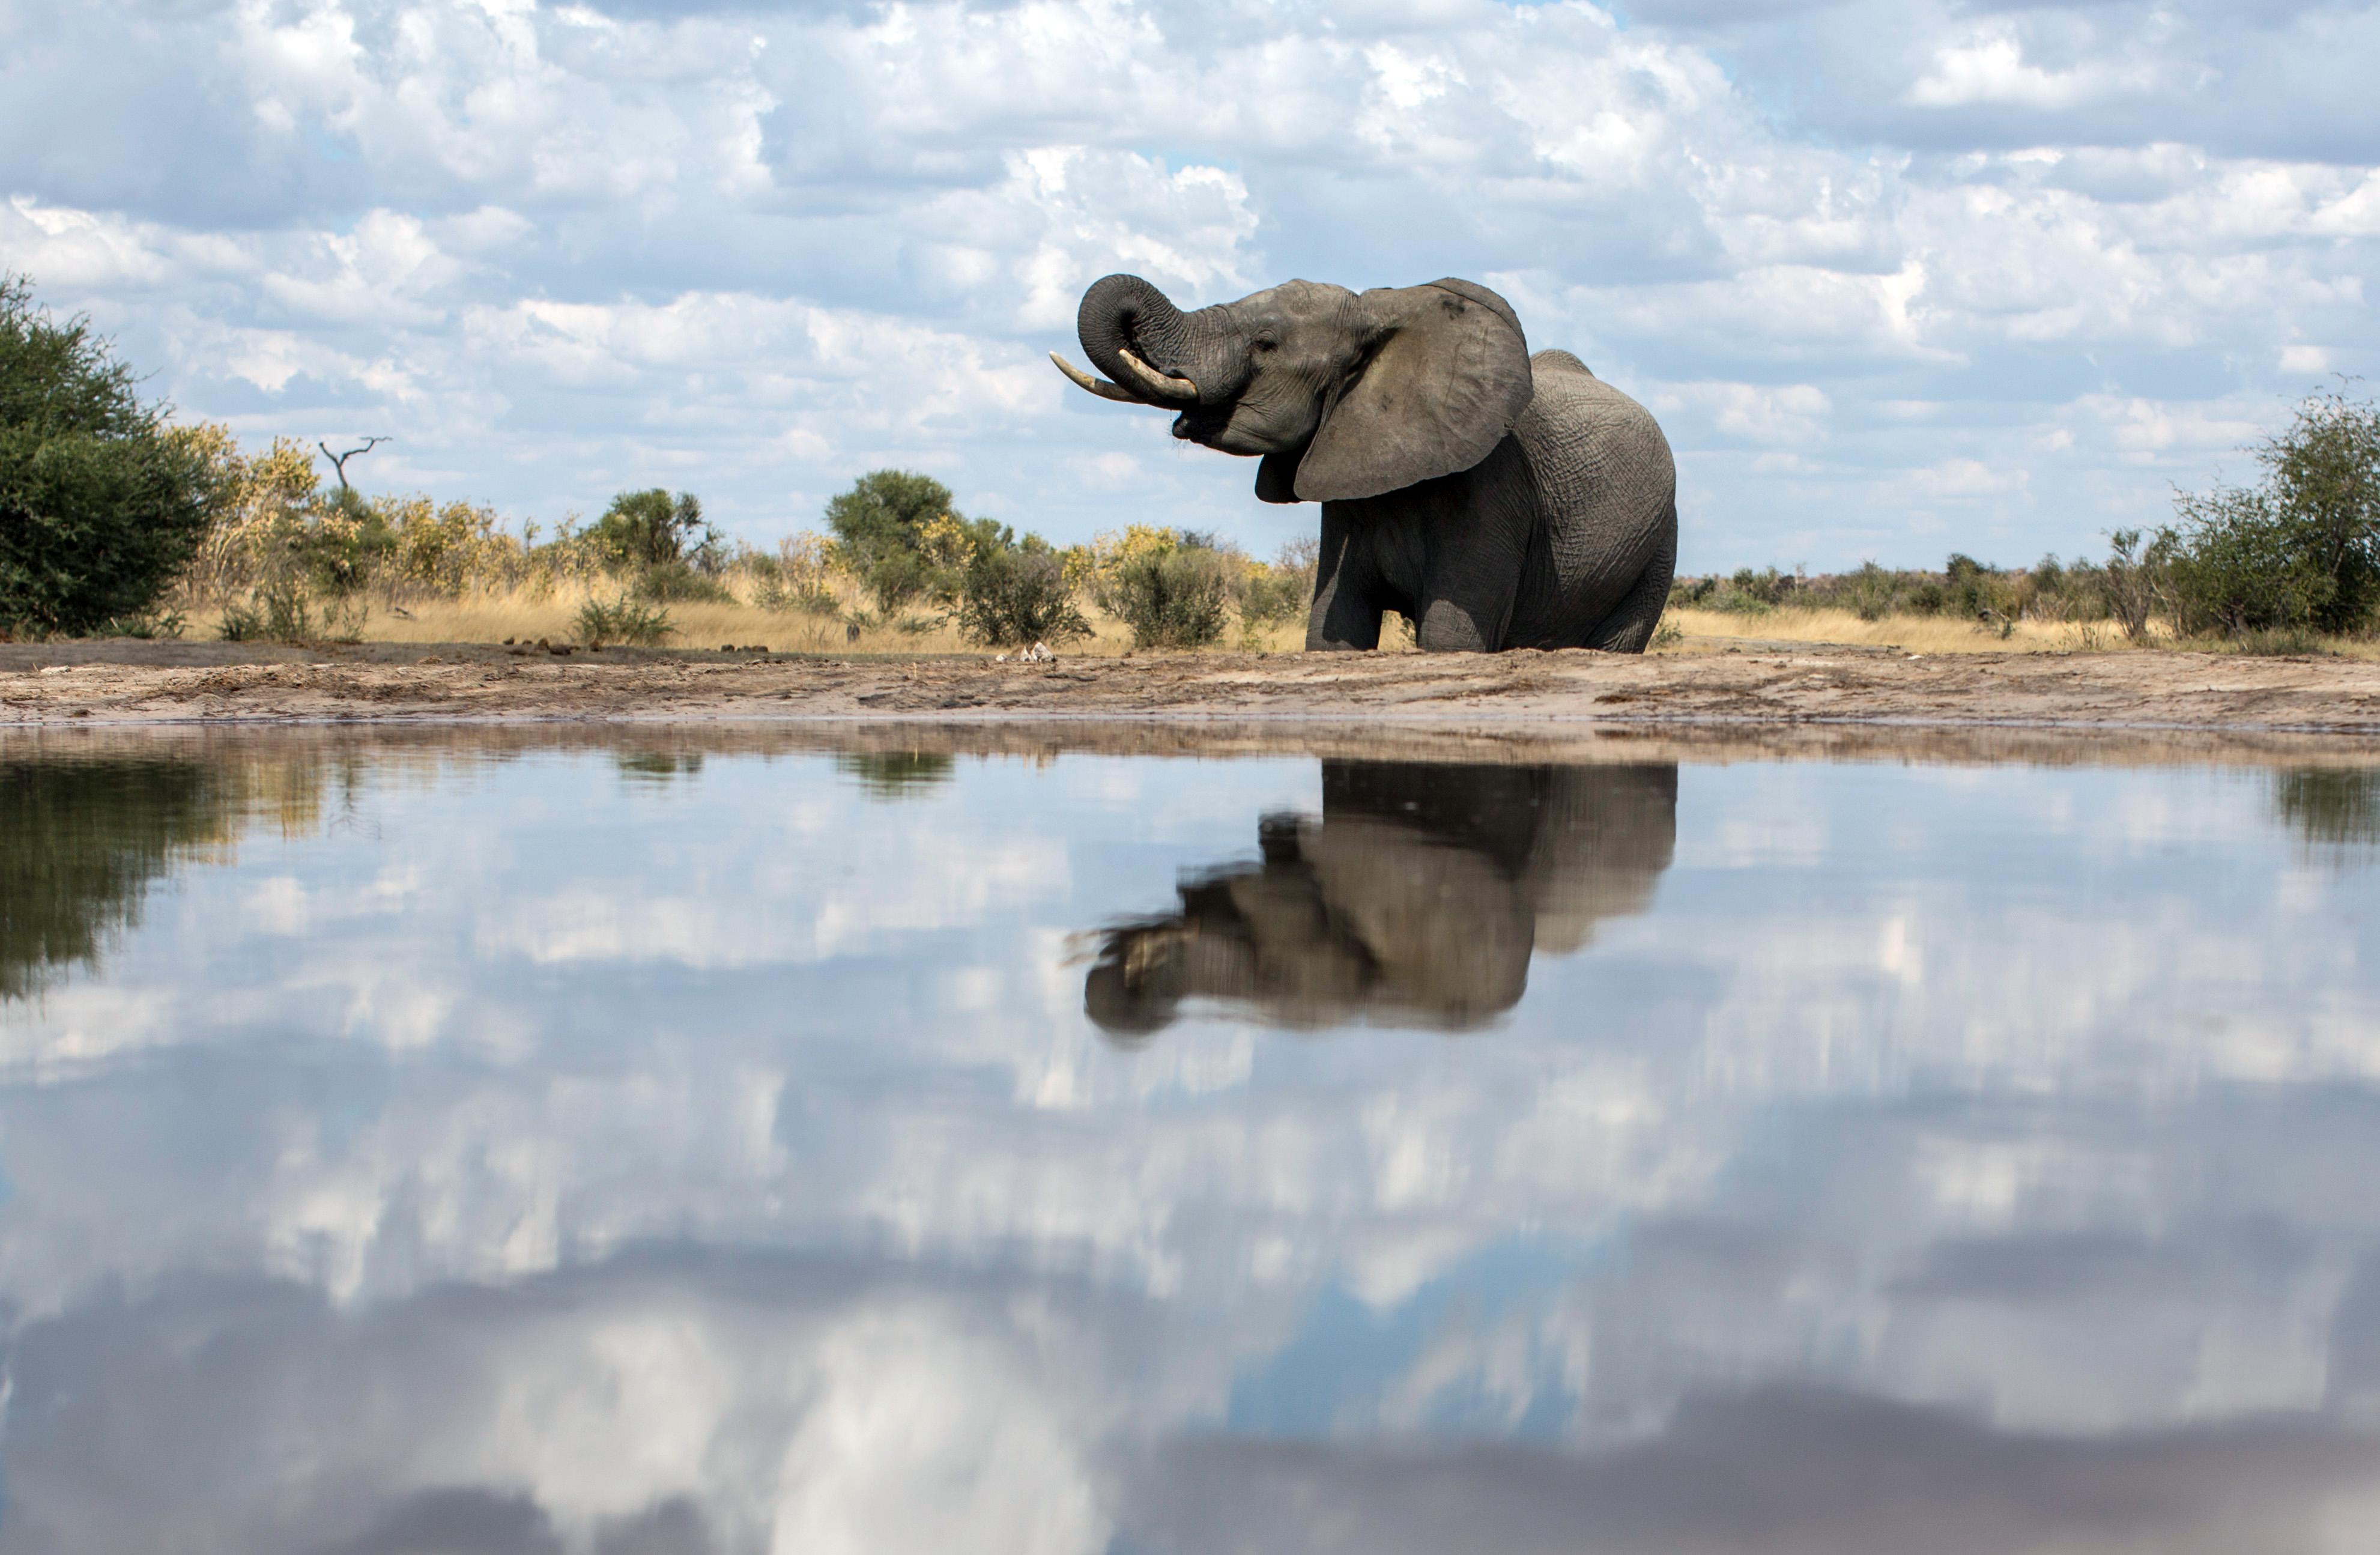 Elefant an einem Wasserloch im Khaudum-Nationalpark in Namibia